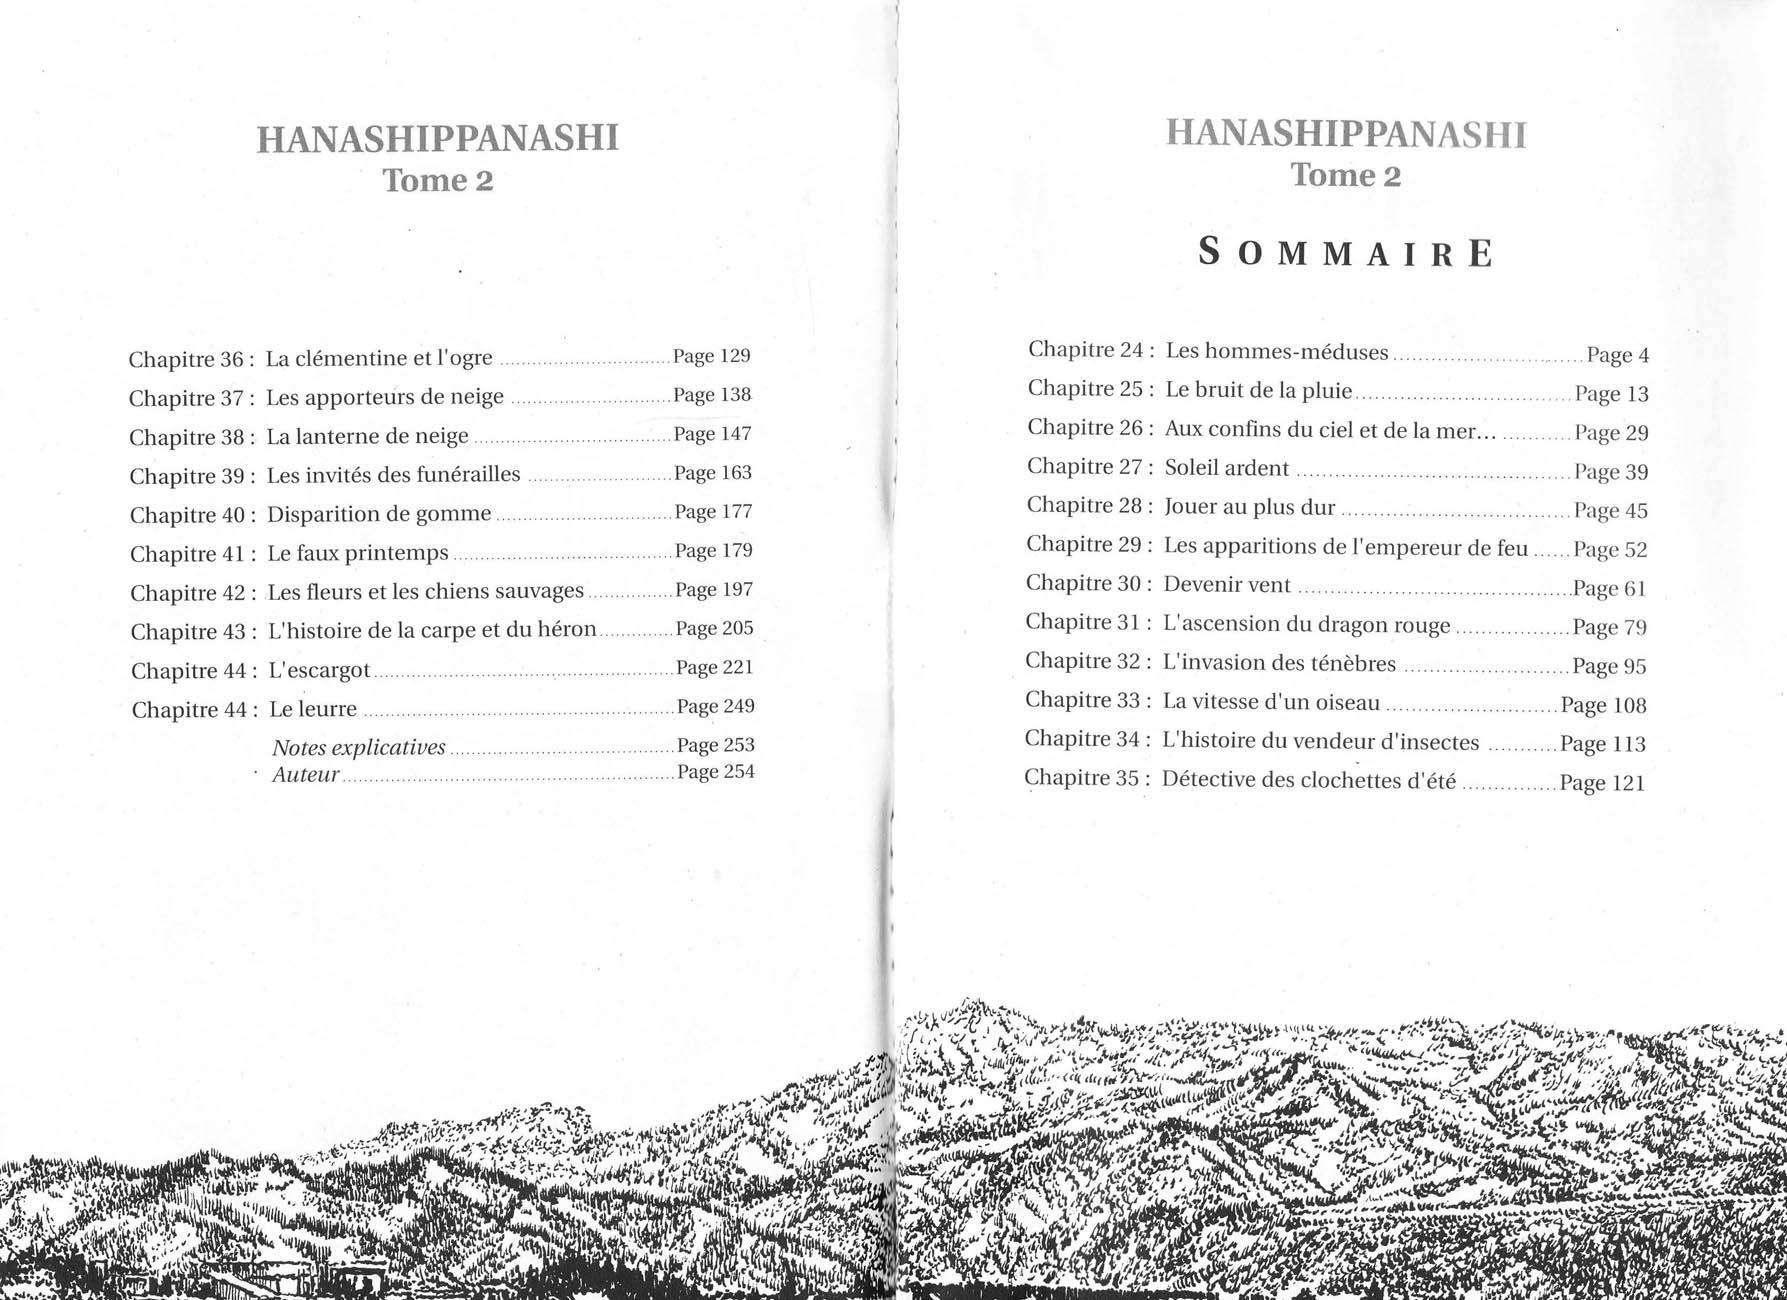 https://nine.mangadogs.com/fr_manga/pic1/14/2446/79476/HanashippanashiVolume2VF_2_932.jpg Page 3